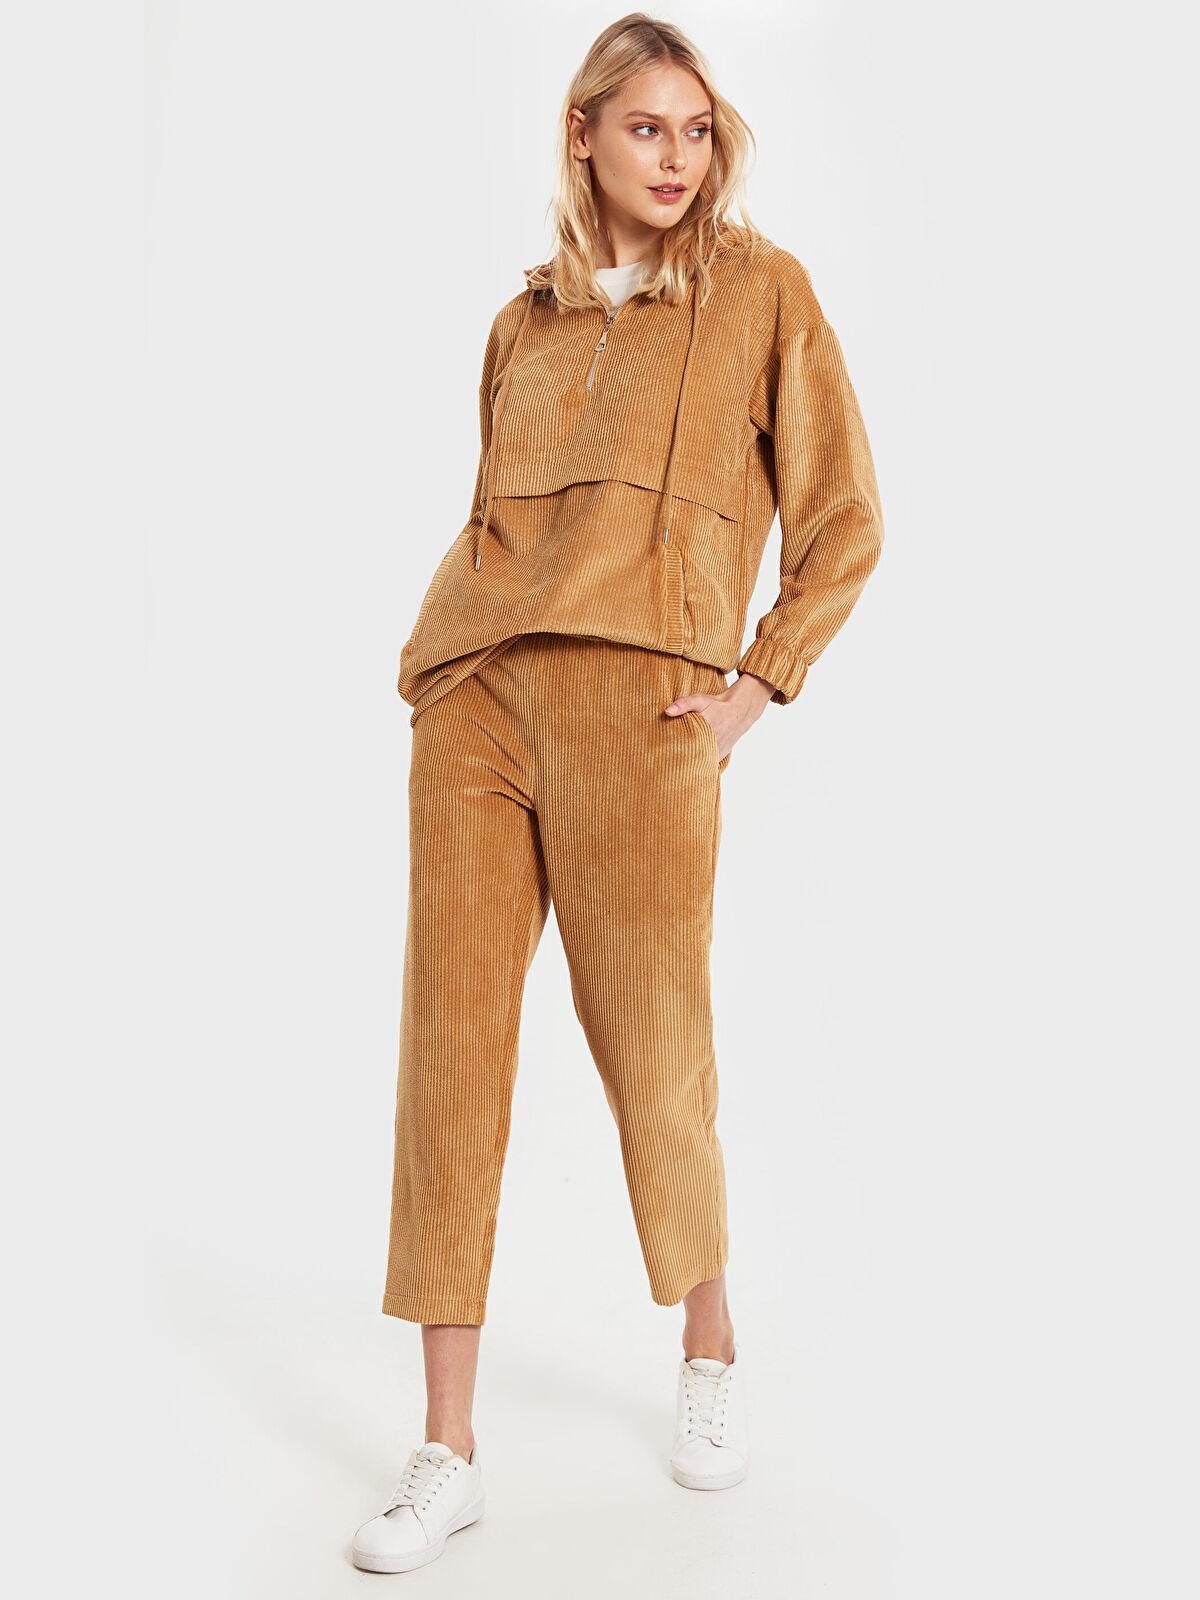 İkol Bilek Boy Kadife Pantolon - Markalar